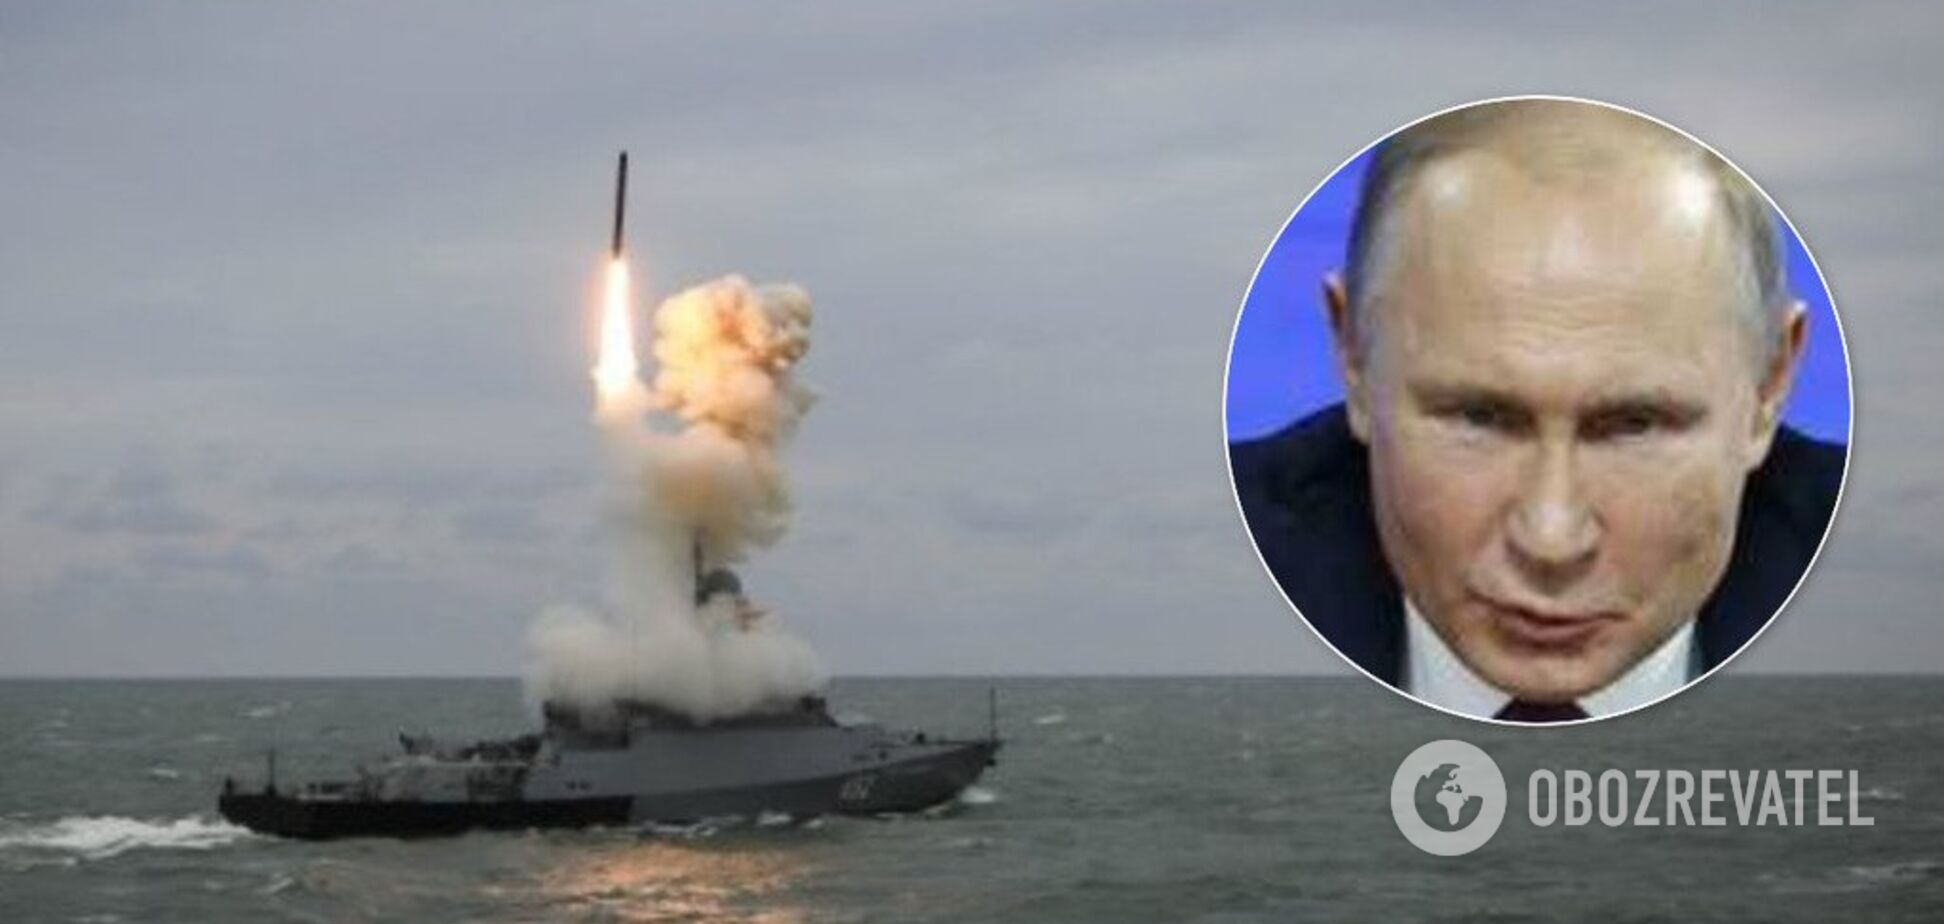 Путін готовий воювати на Чорному морі – Портников